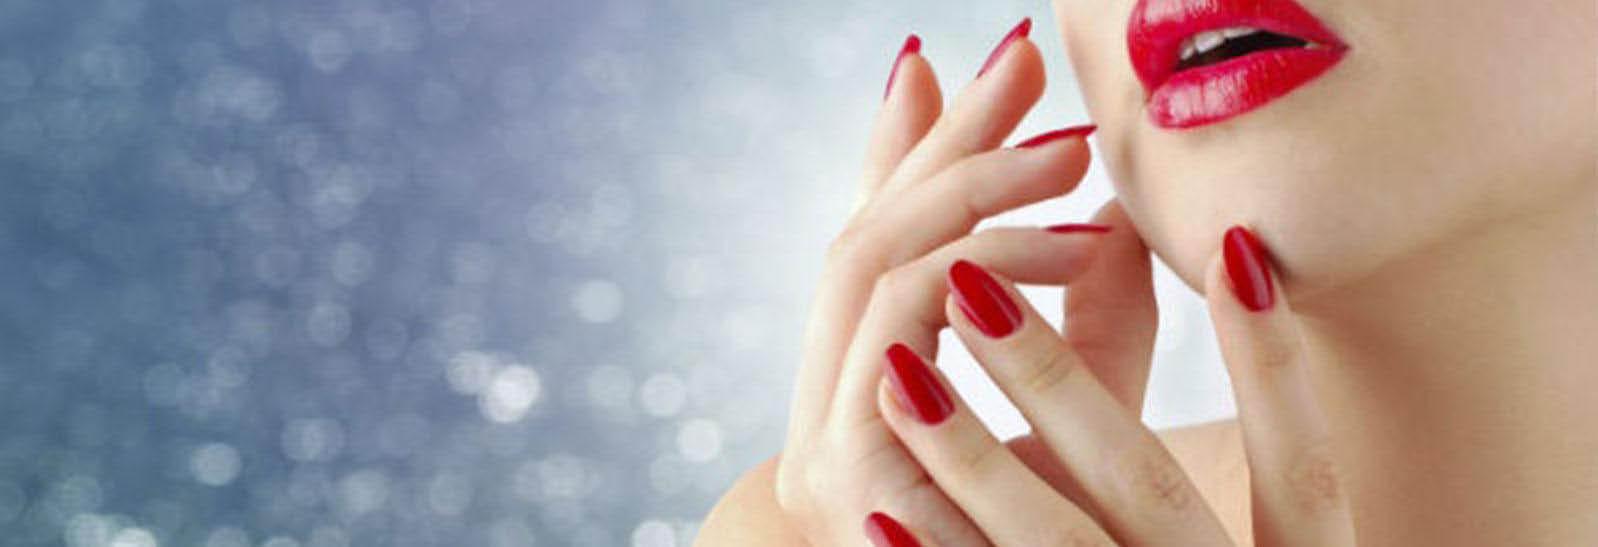 Nail Salon - Nail Spa - Nail Art - Gel Manicure - Online Coupons